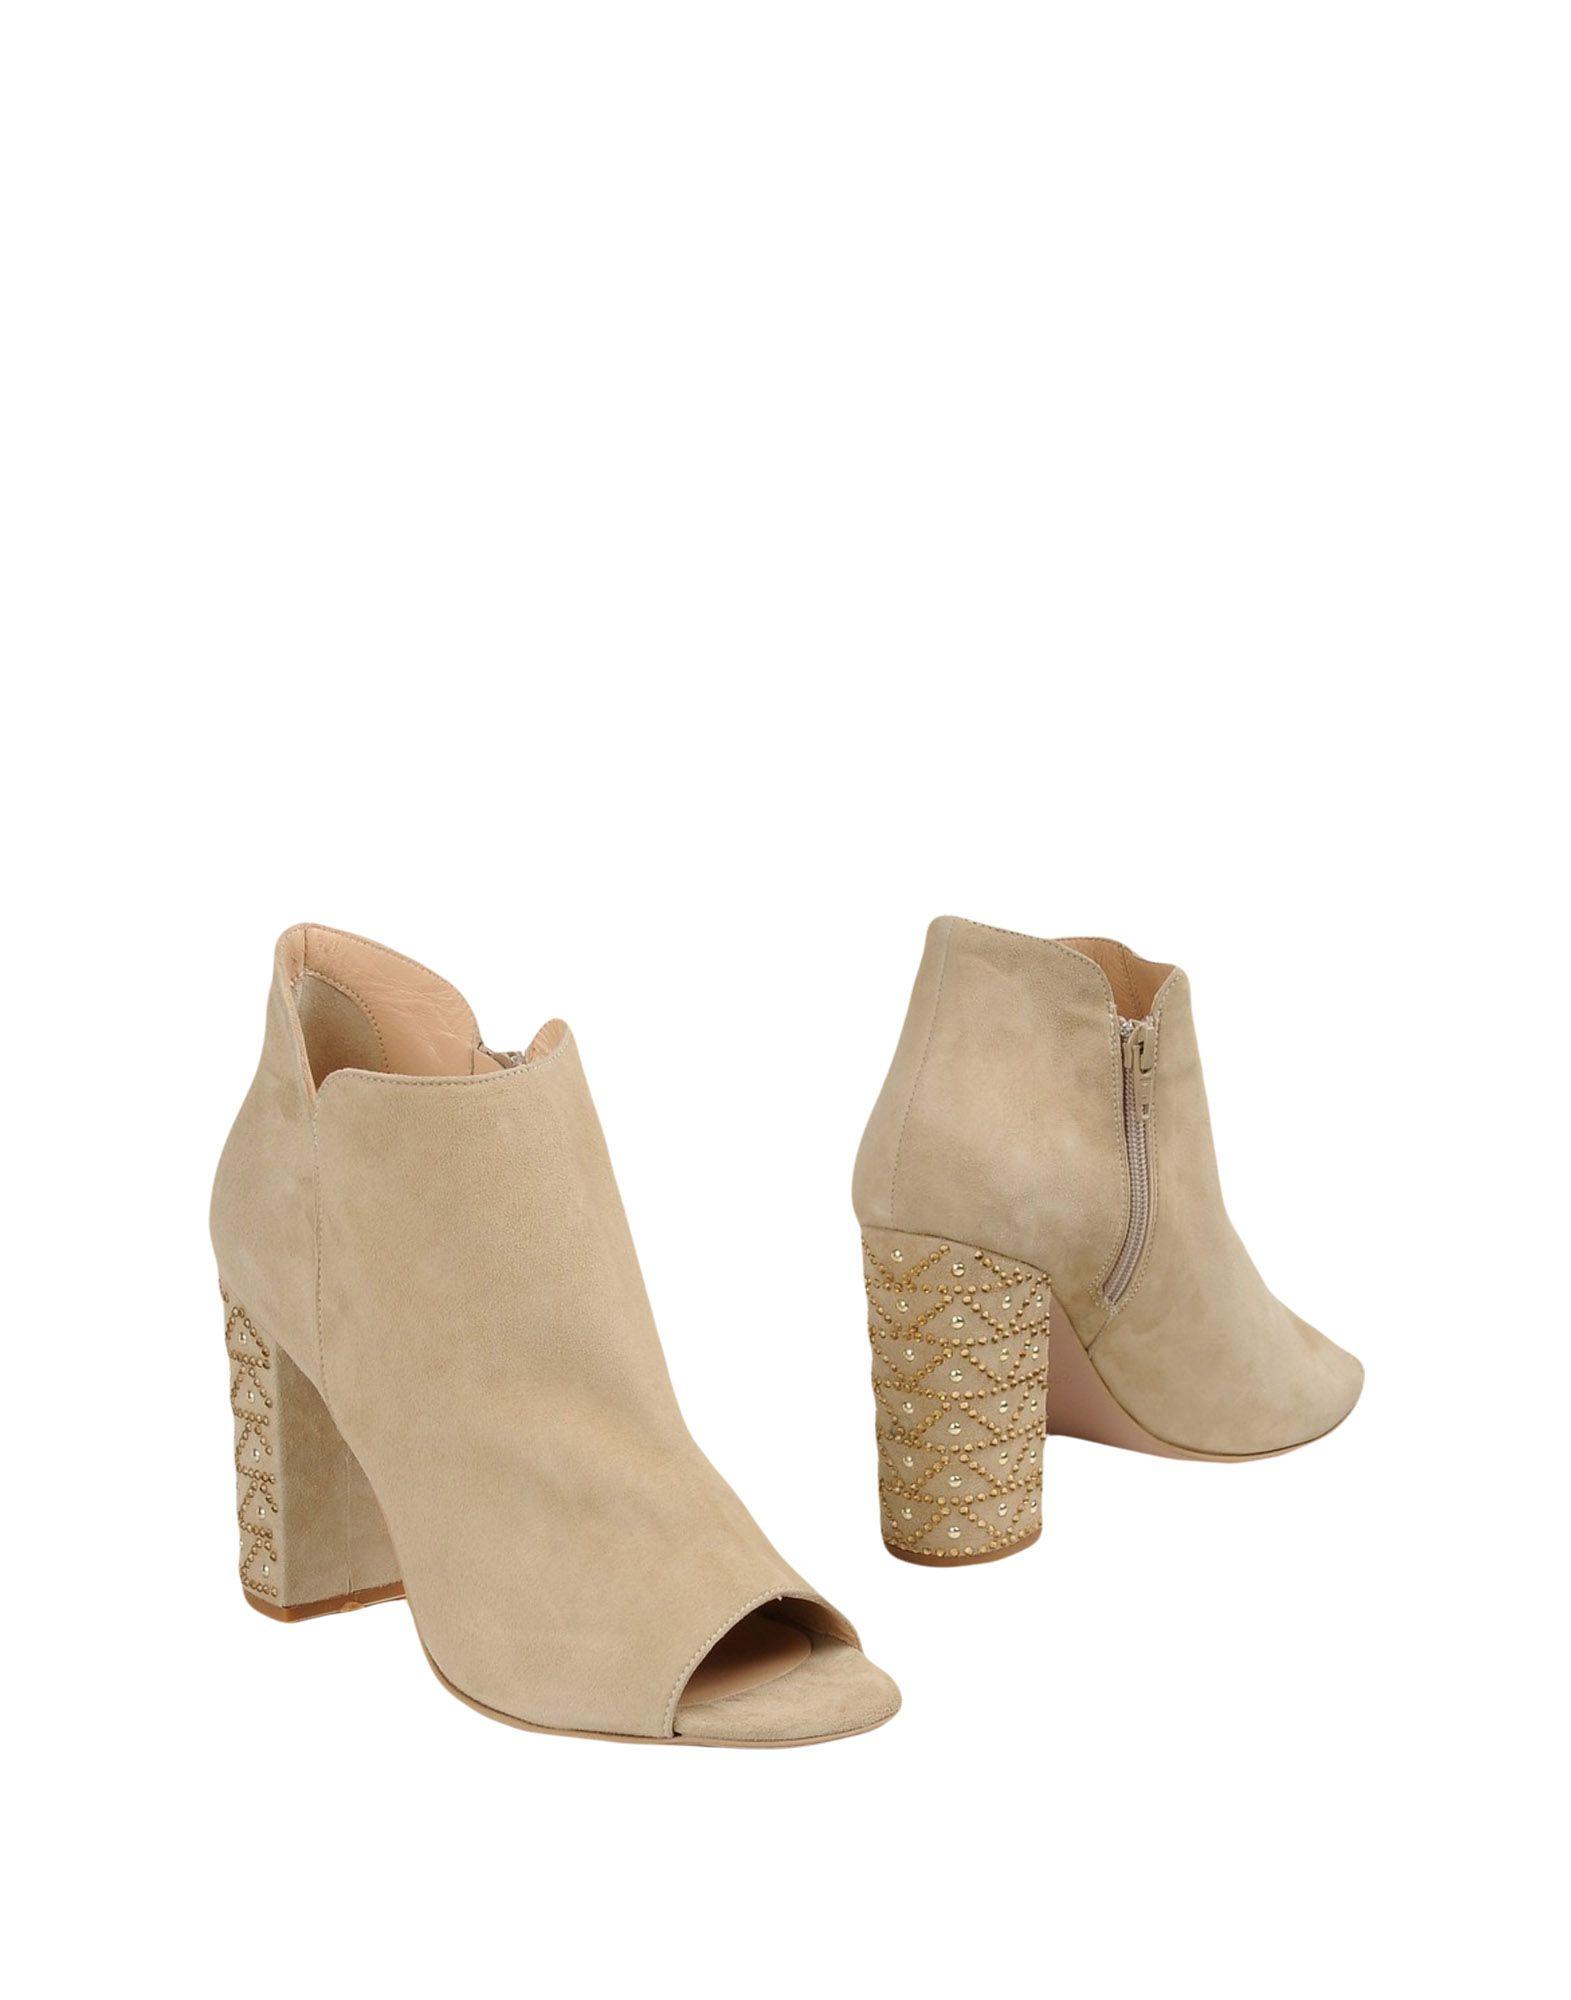 8 Stiefelette Damen  11423122LK Gute Qualität beliebte Schuhe